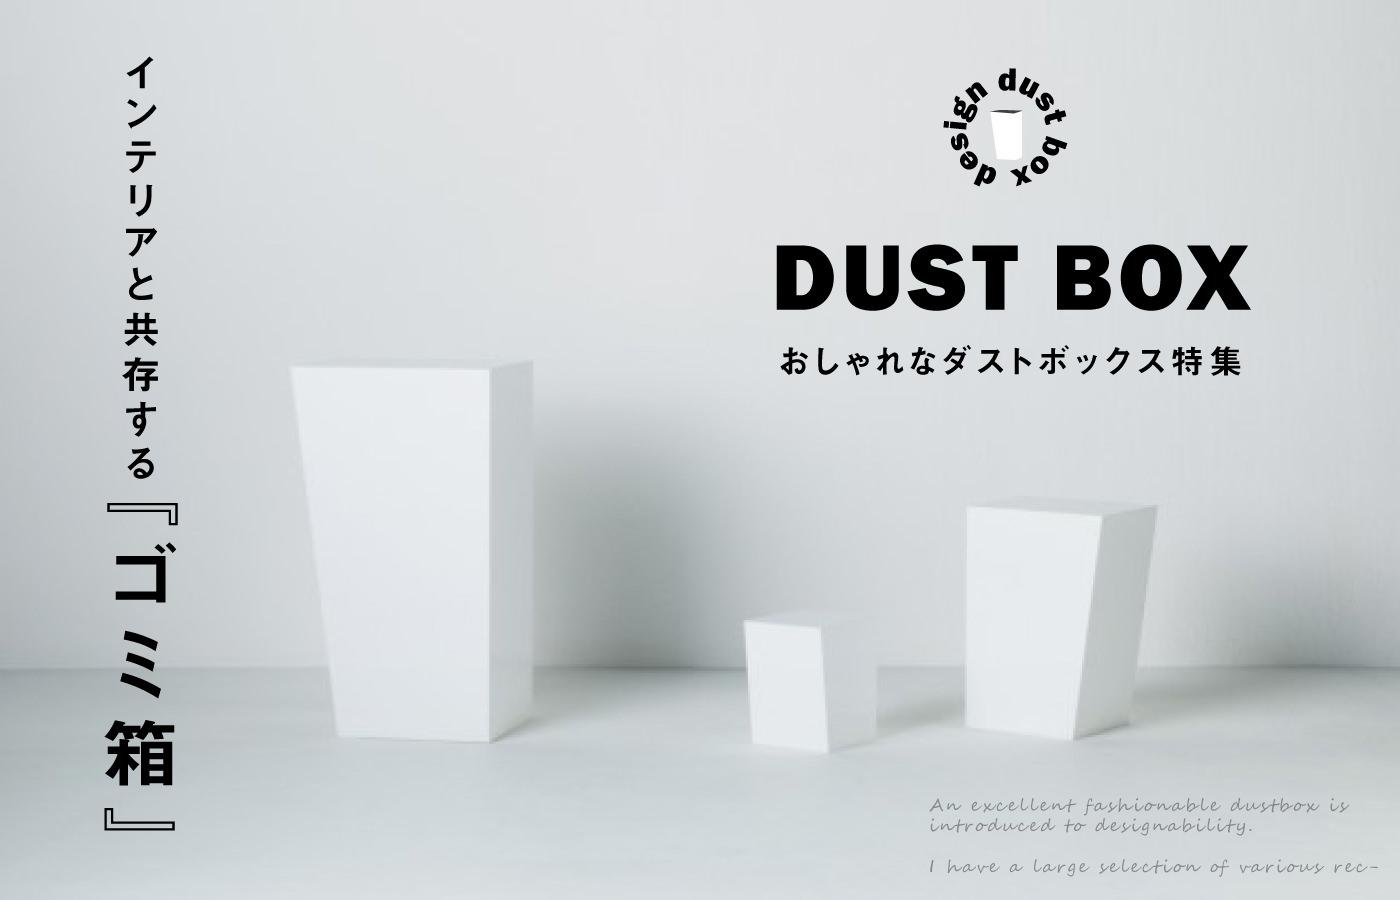 おしゃれなダストボックス (ゴミ箱)